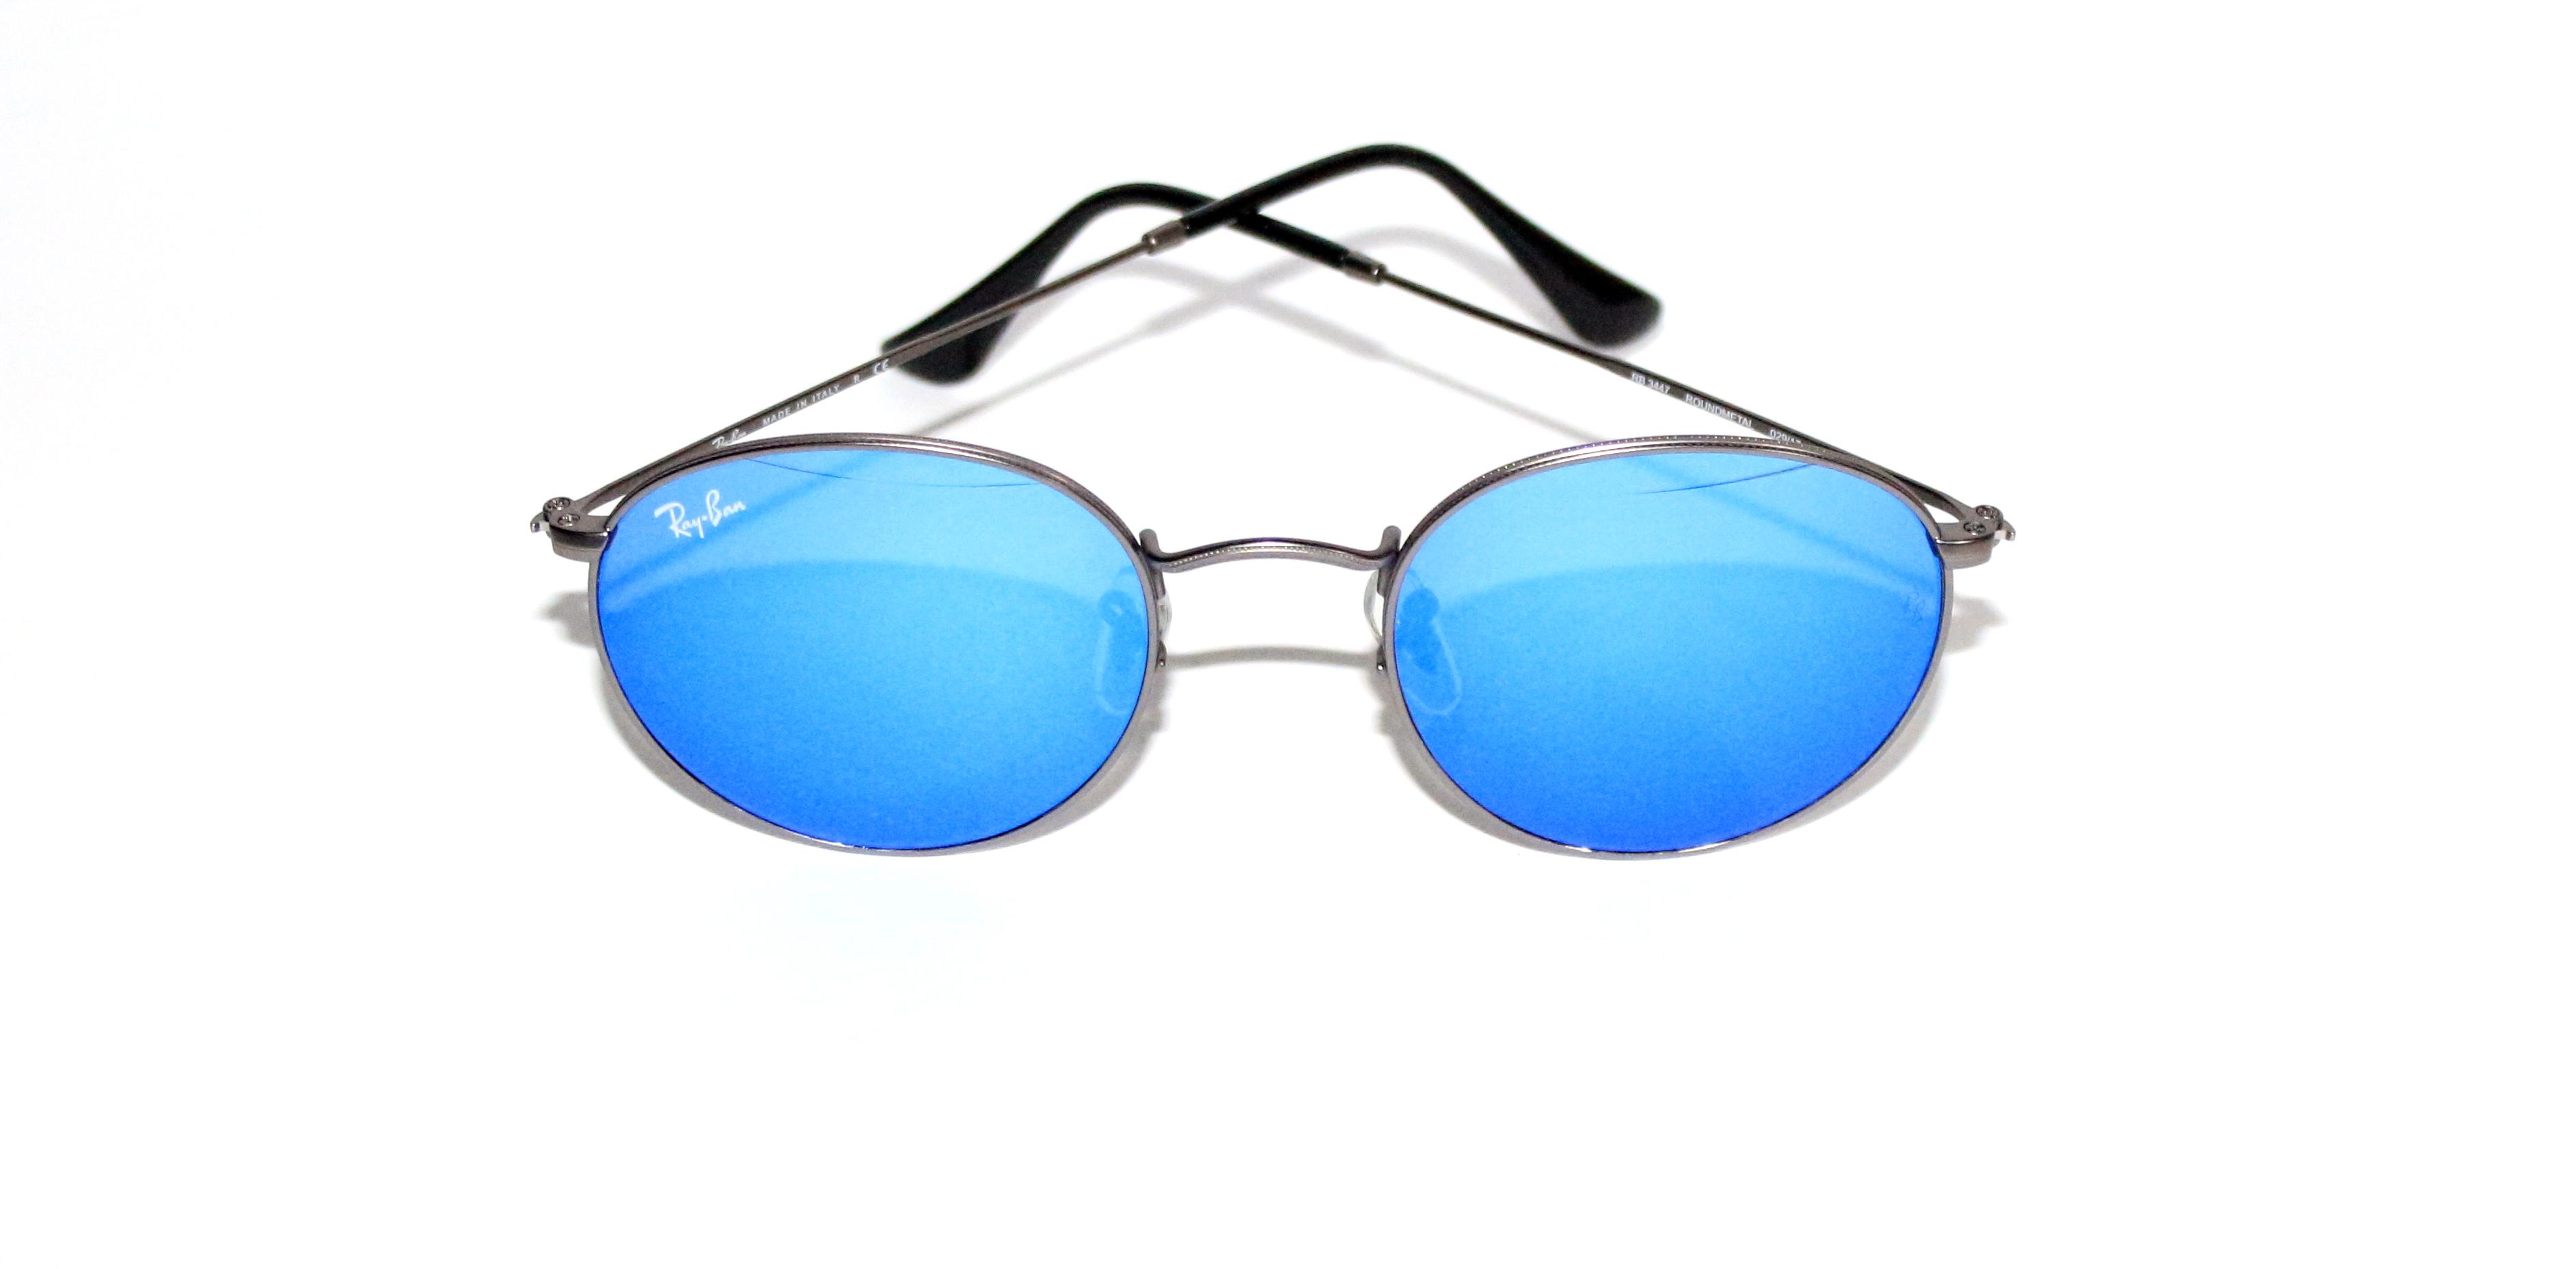 Рей бен окуляри. Купити недорого оригінальні окуляри Ray Ban Київ 7378de6020eb8